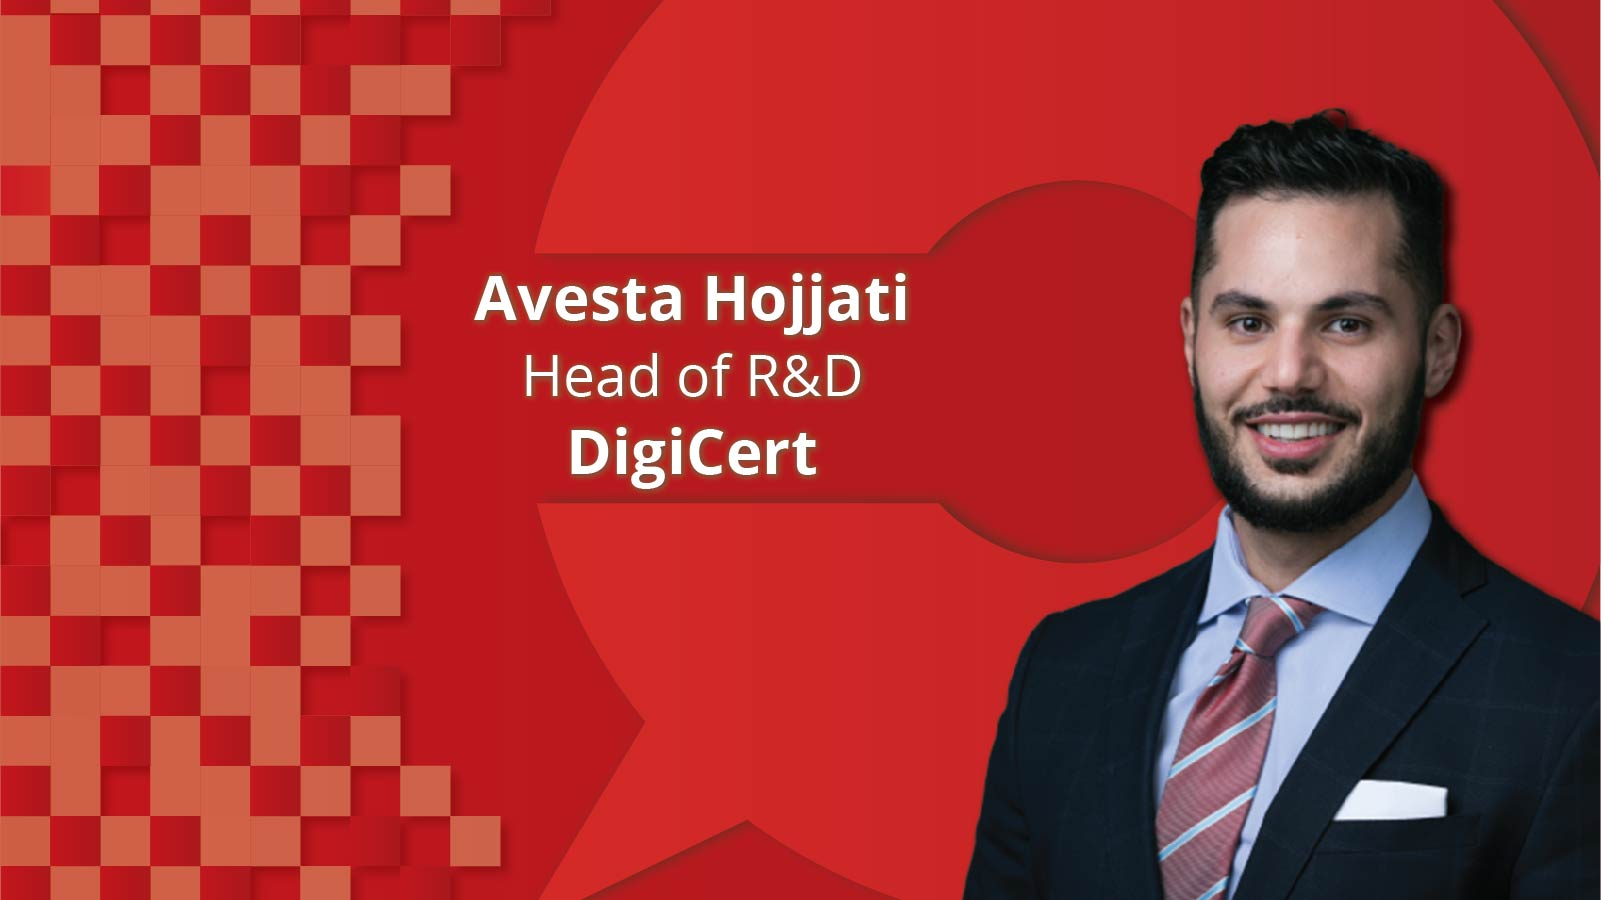 Avesta Hojjati (1)